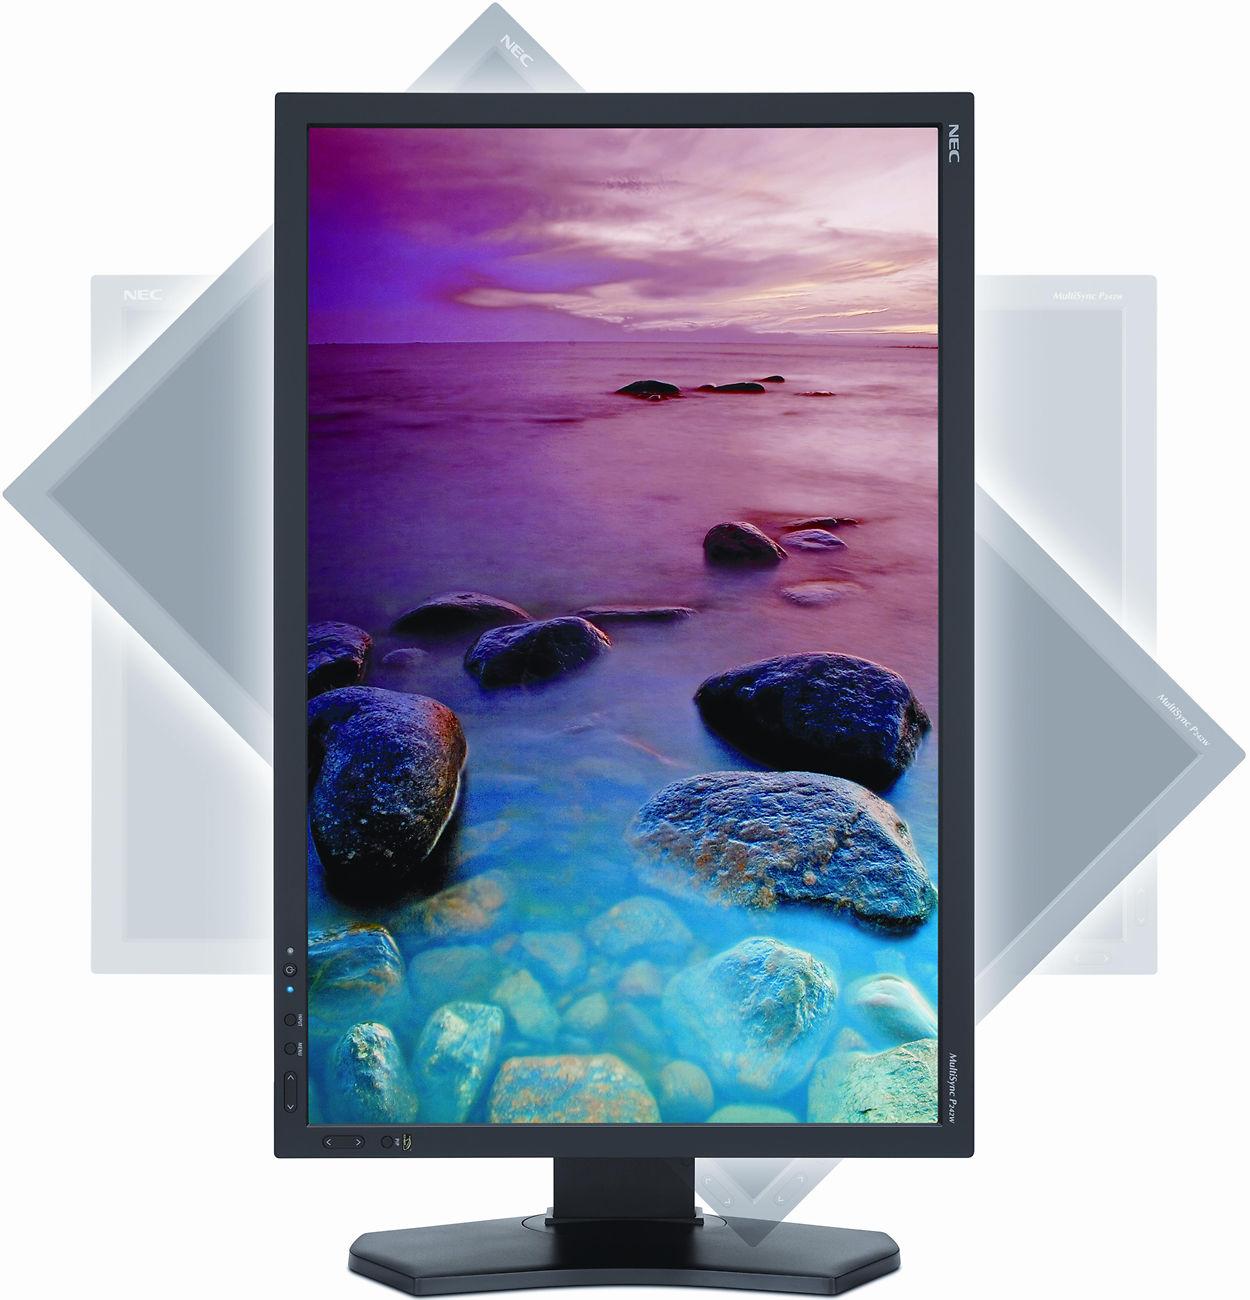 """NEC P242W 24"""" Monitor Image"""